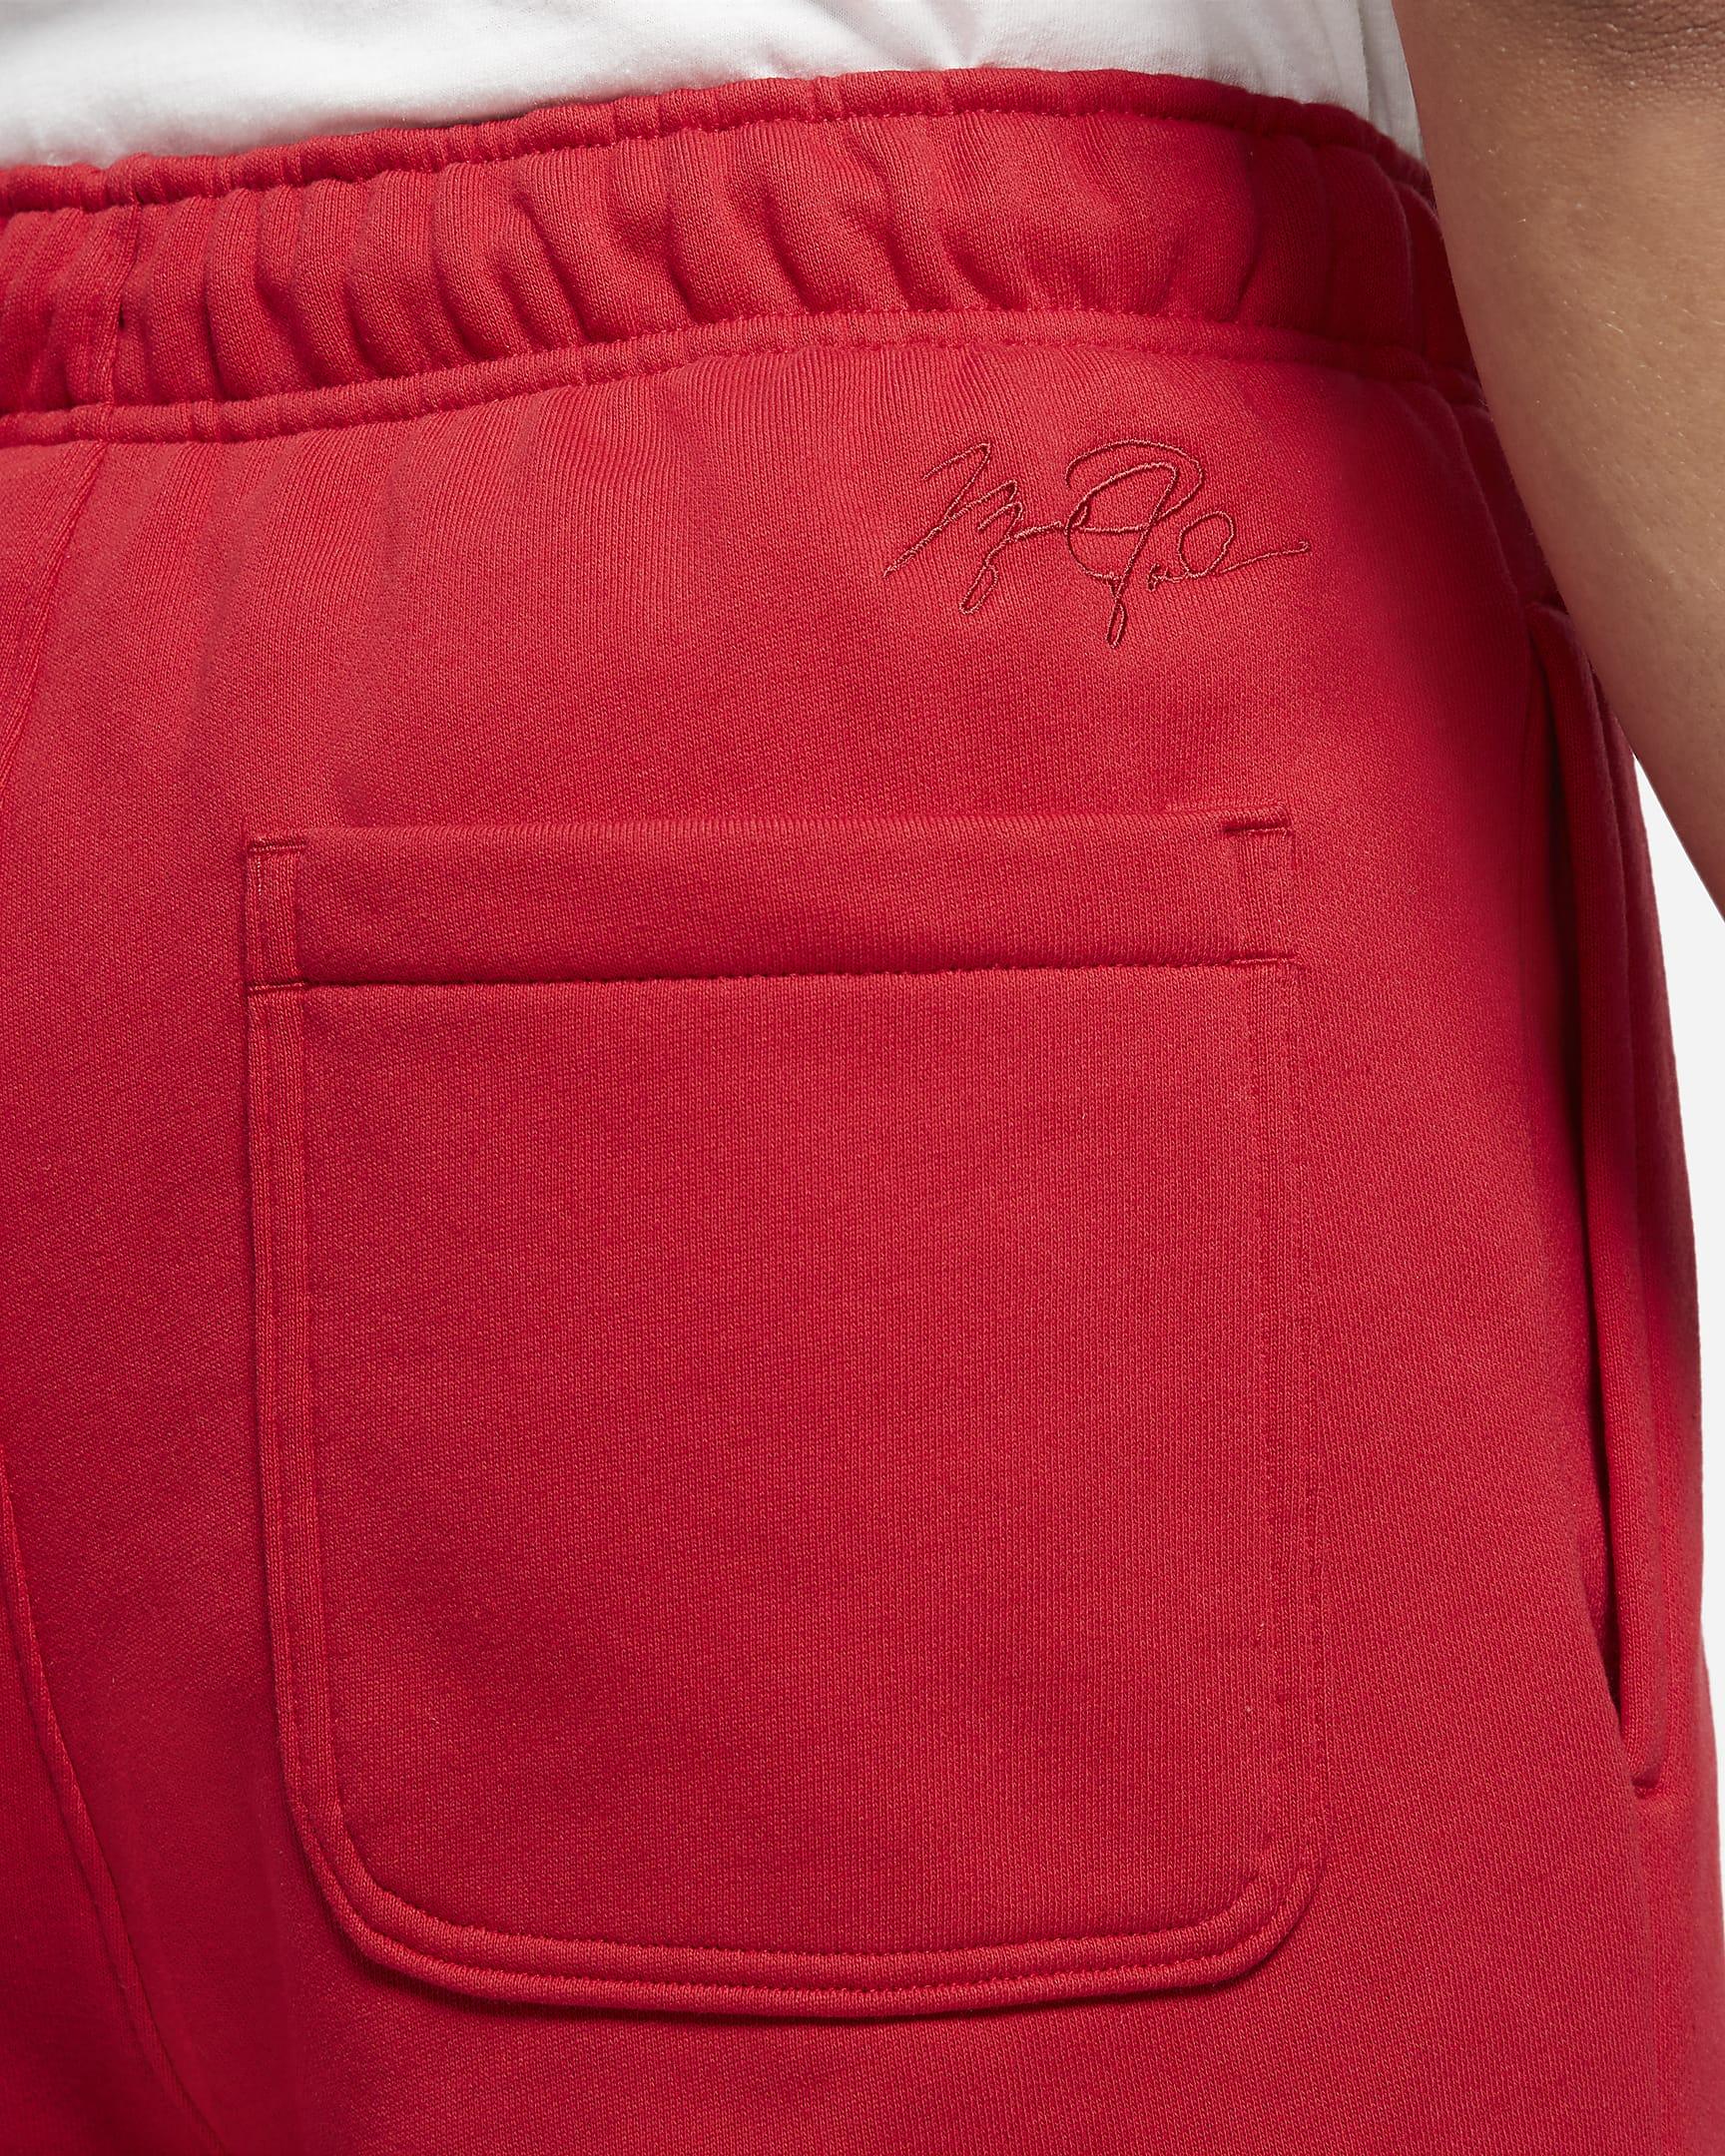 jordan-essentials-mens-fleece-pants-11d5wf-2.png